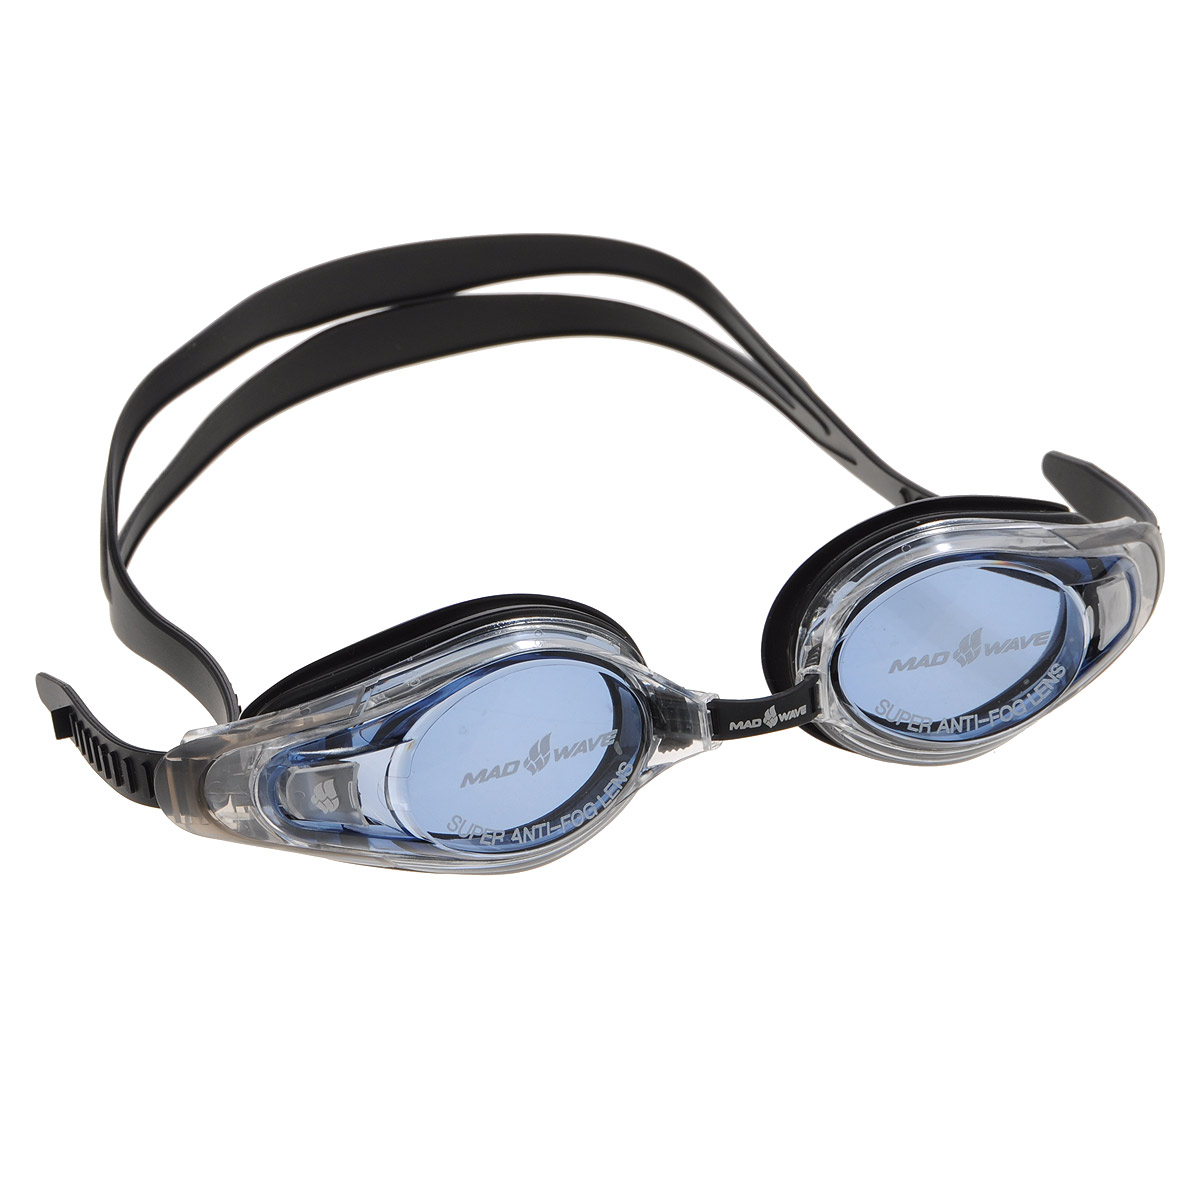 Очки для плавания с диоптриями MadWave Optic Envy Automatic, цвет: черный, -1,5M0453 02 0 06WОчки для плавания с диоптриями MadWave Optic Envy Automatic. Выполнены из поликарбоната и силикона.Особенности: Удобные очки с оптической силой -1,5.Система автоматической регулировки ремешков на корпусе очков.Защита от ультрафиолетовых лучей.Антизапотевающие стекла.Регулируемая восьмиступенчатая носовая перемычка.Сменная линза.Надежная безклеевая фиксация обтюратора.Плоский силиконовый ремешок.